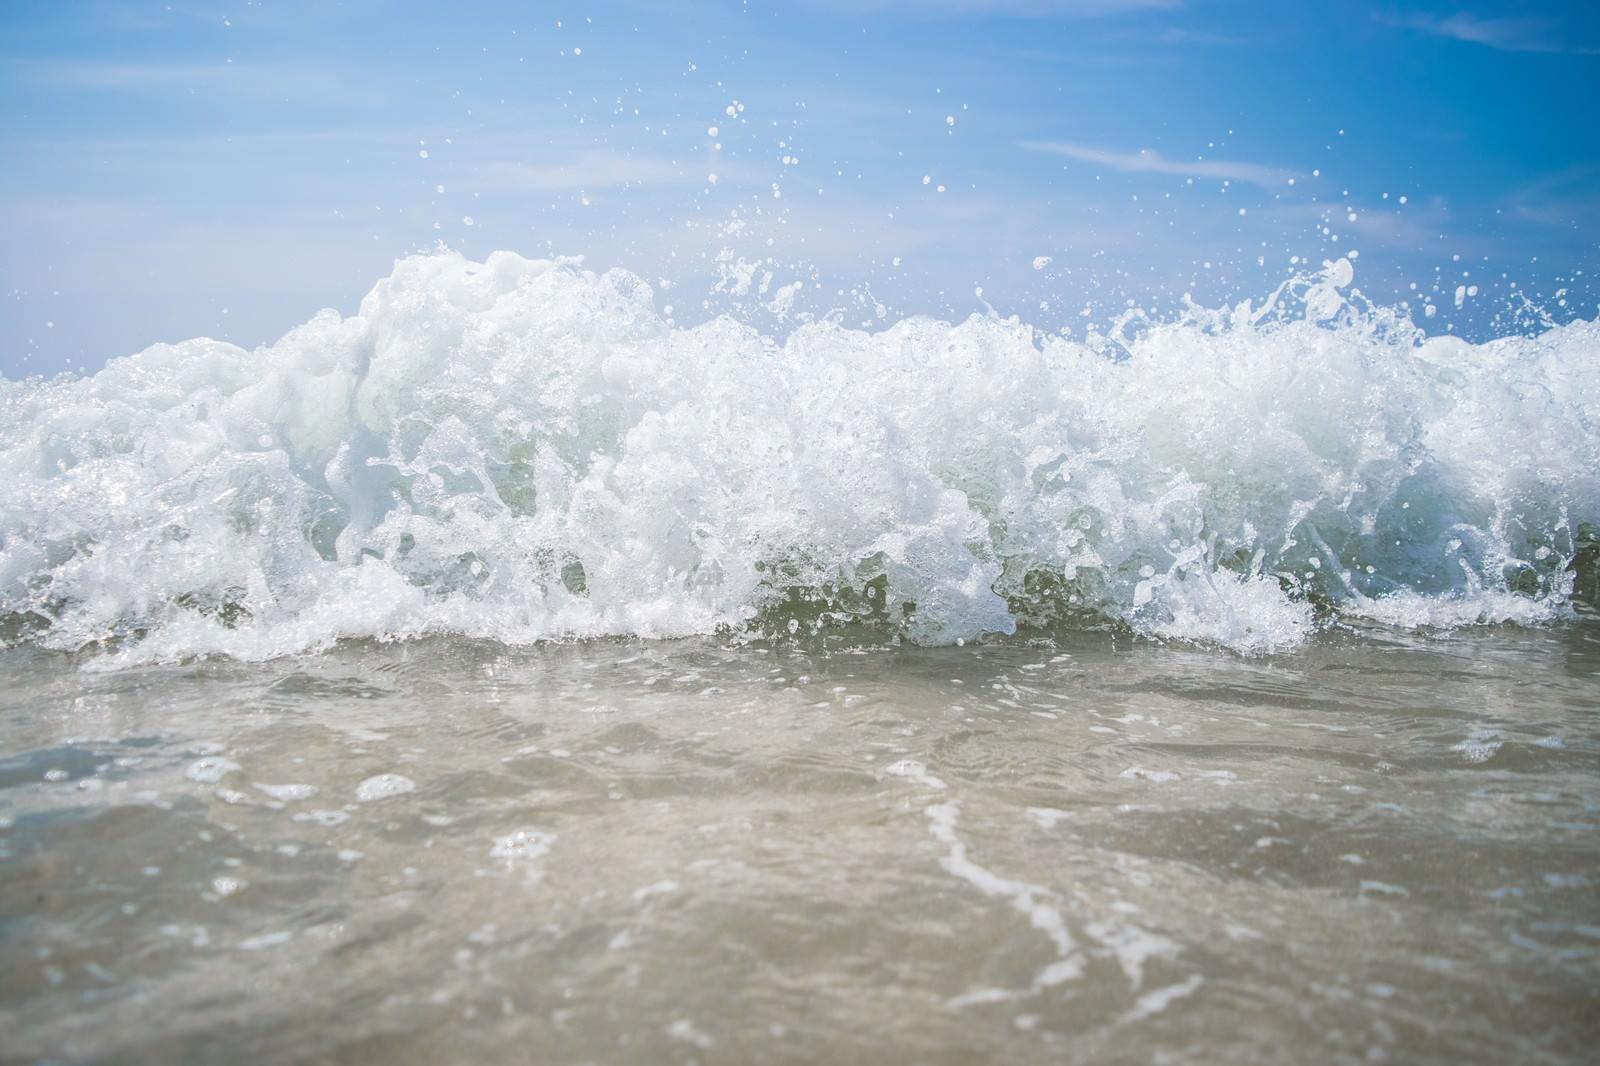 波しぶき近い | ぱくたそ-フリー...